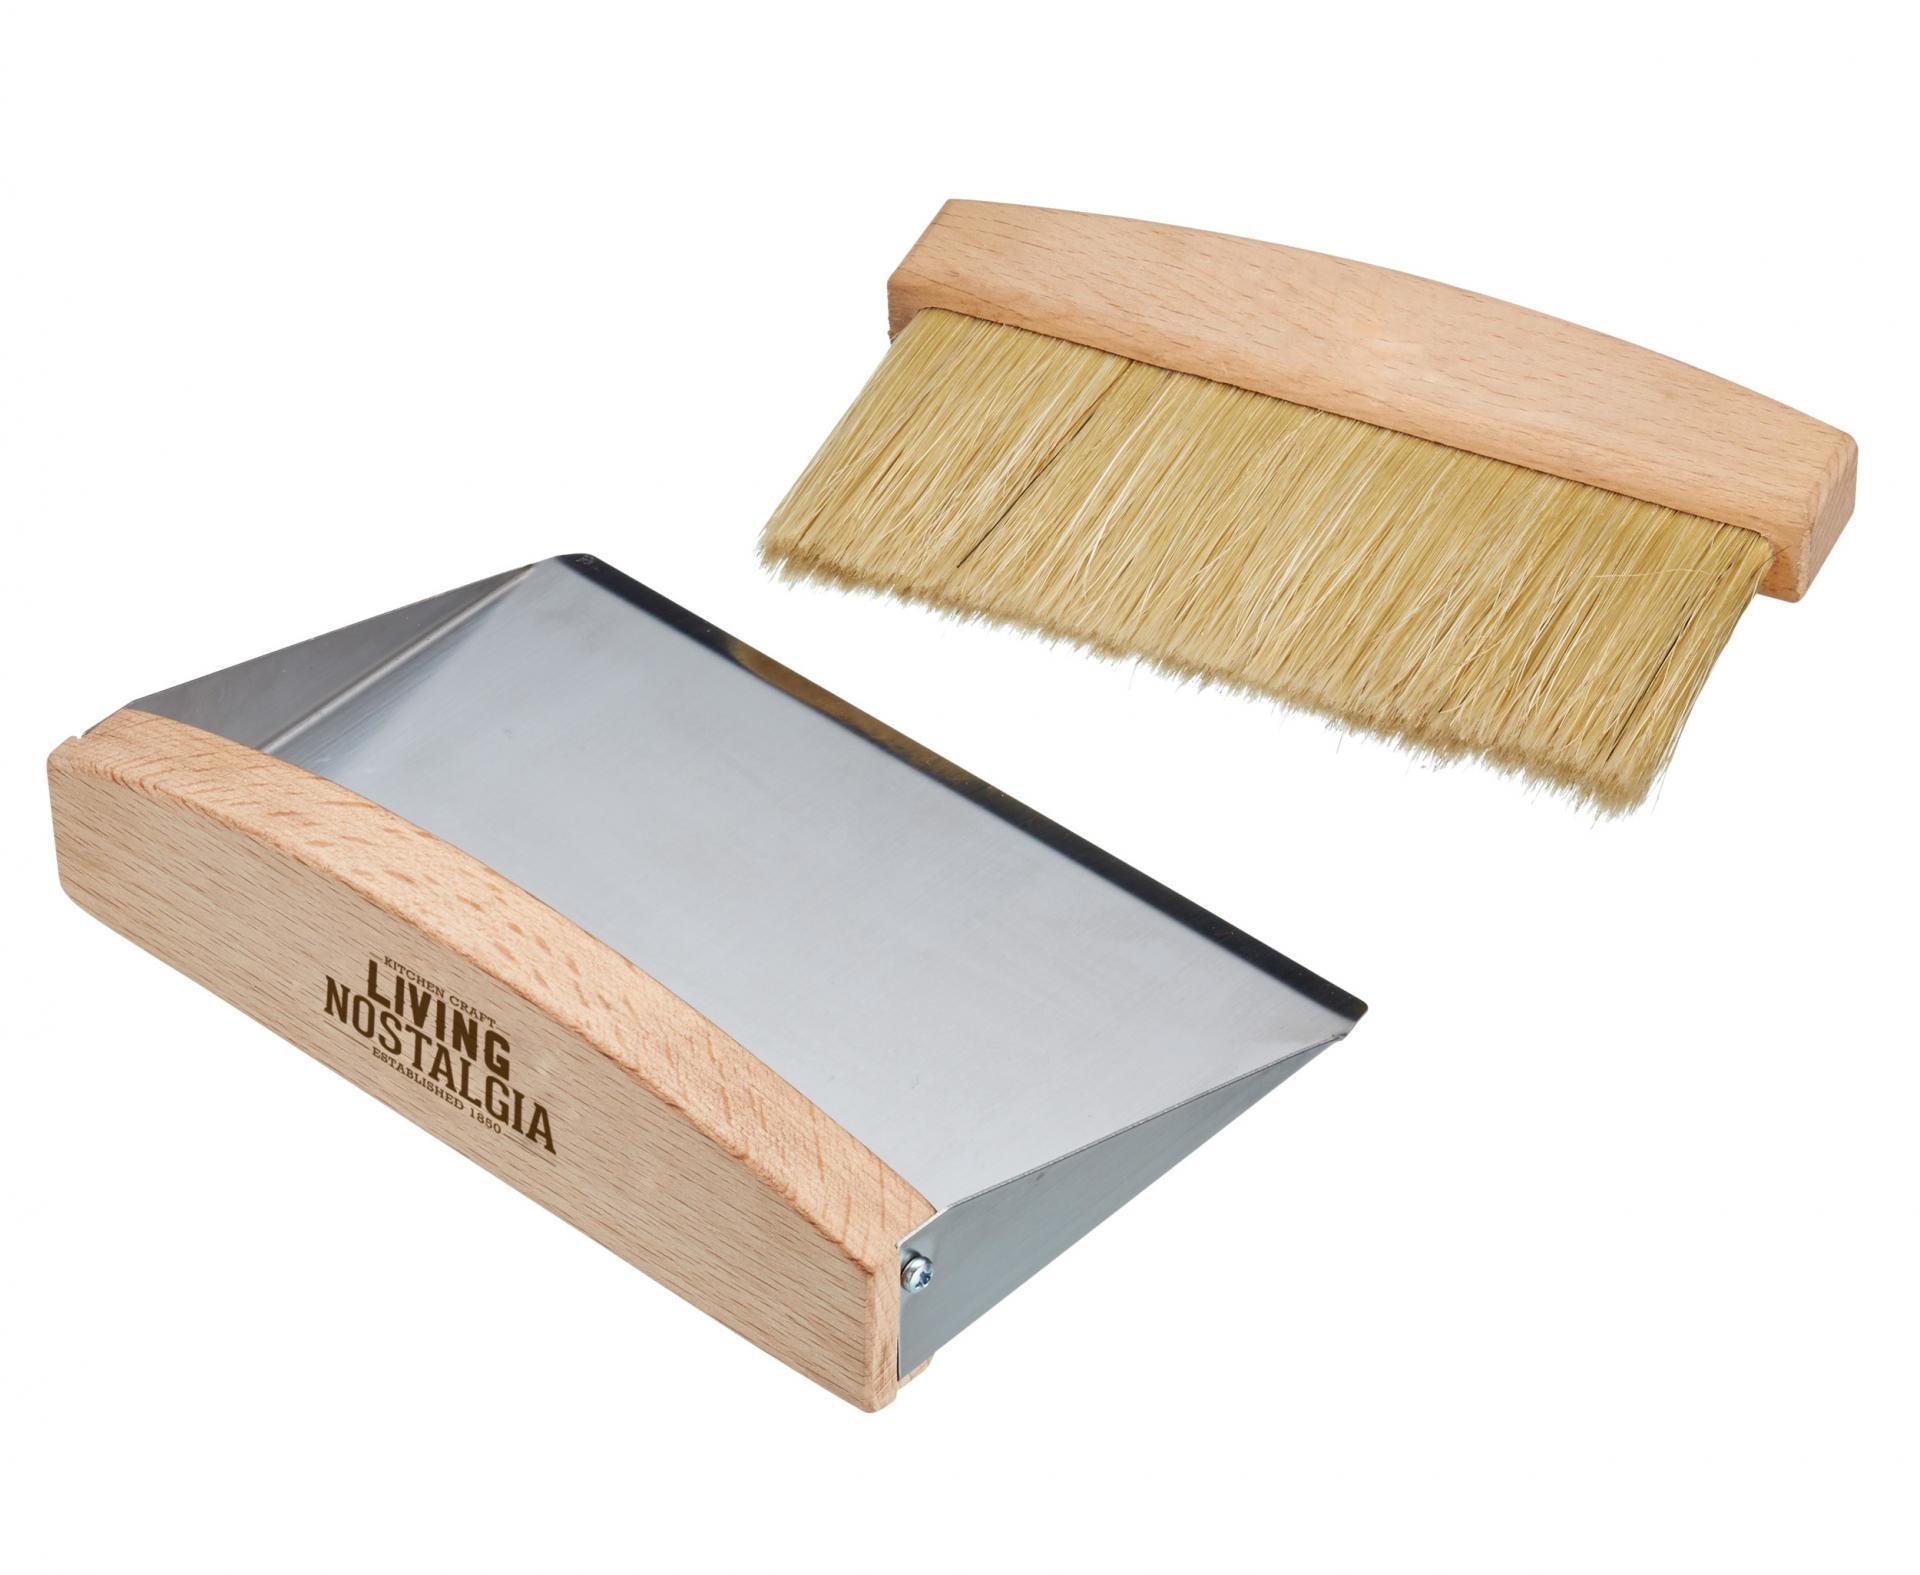 Kitchen Craft Stolní smetáček s lopatkou, béžová barva, hnědá barva, stříbrná barva, dřevo, kov